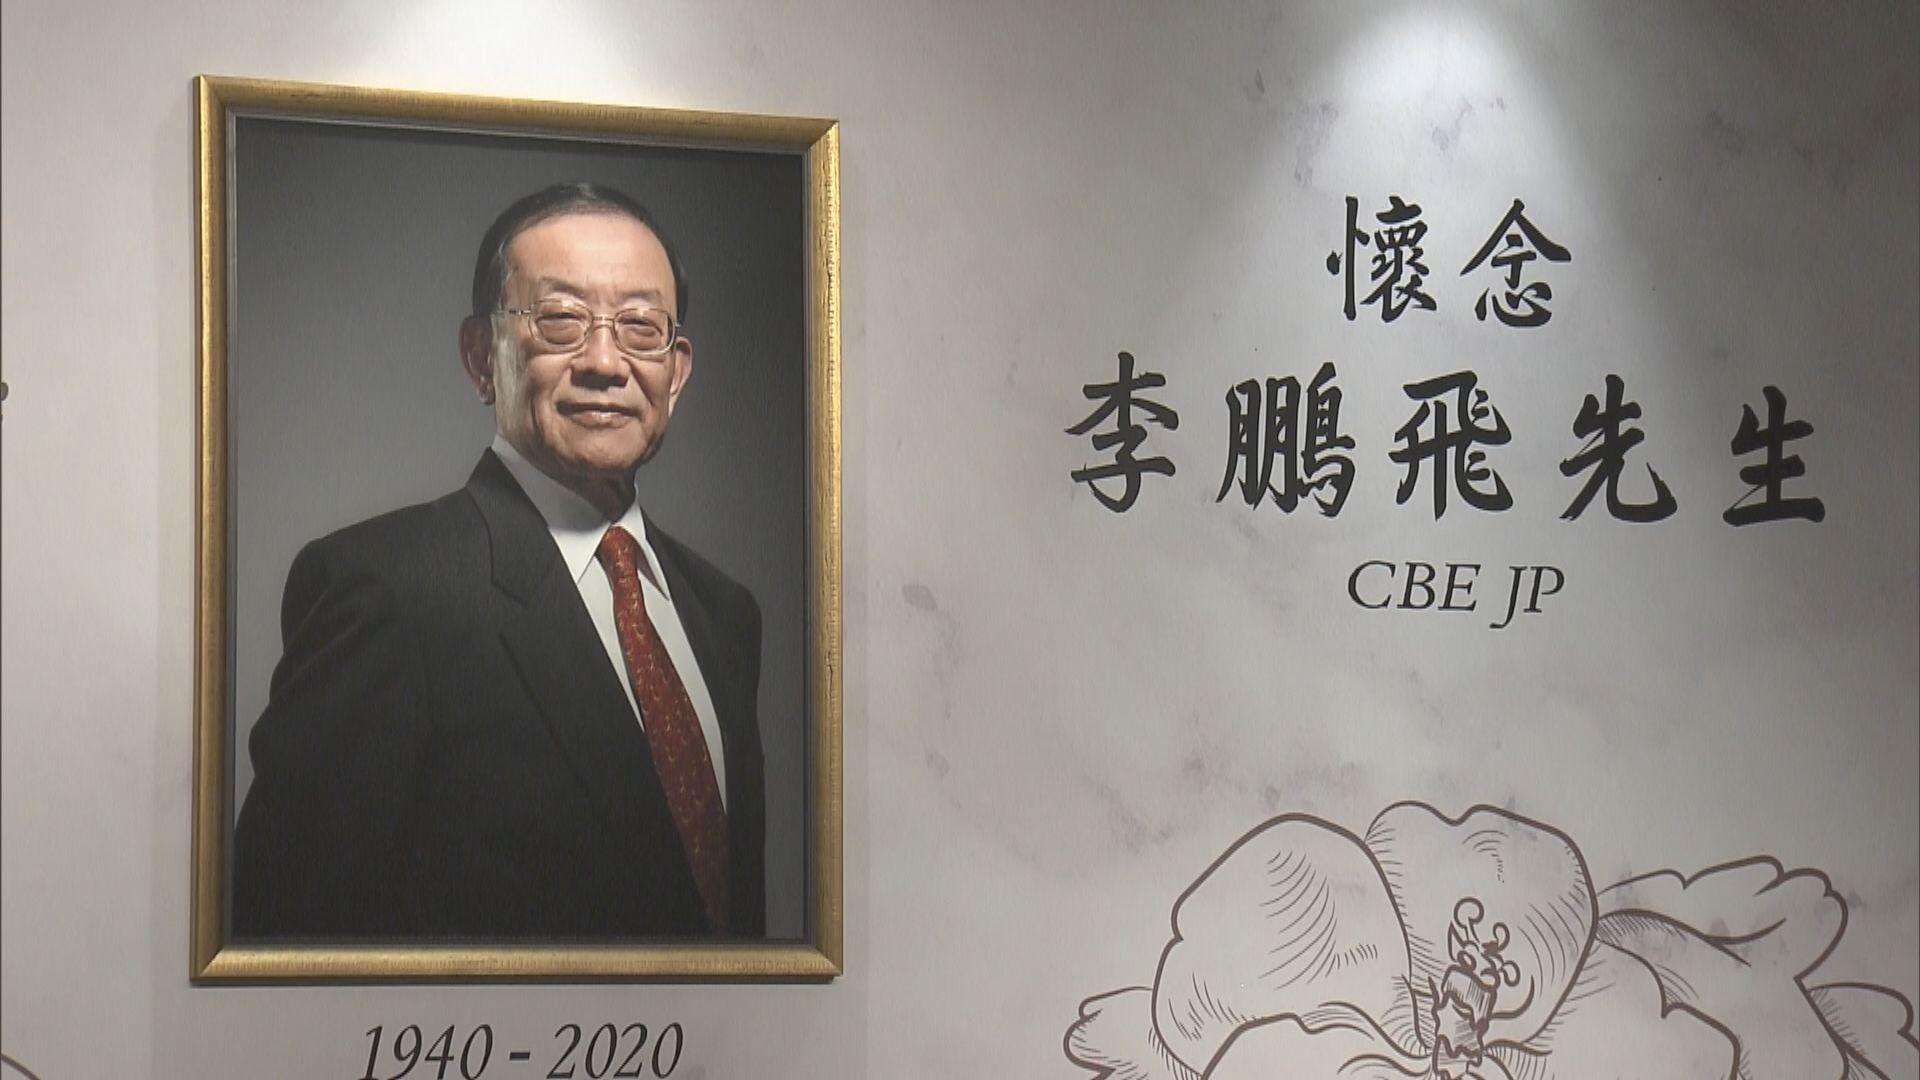 李鵬飛追悼會 多名政商界人士致送花牌